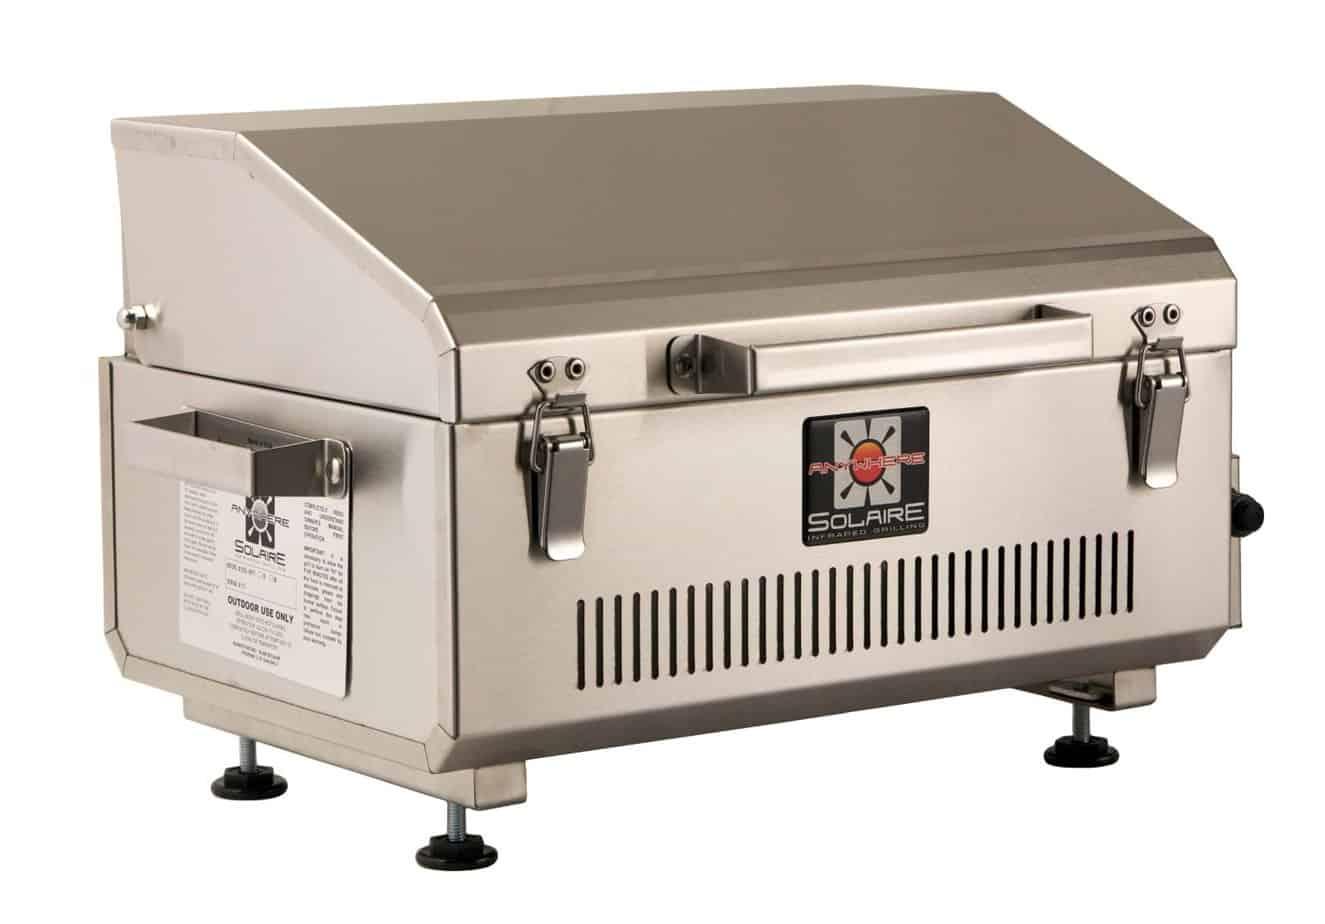 Landmann Gasgrill Kaufen : Landmann gasgrill portable grill and gartengrill online baumarkt xxl